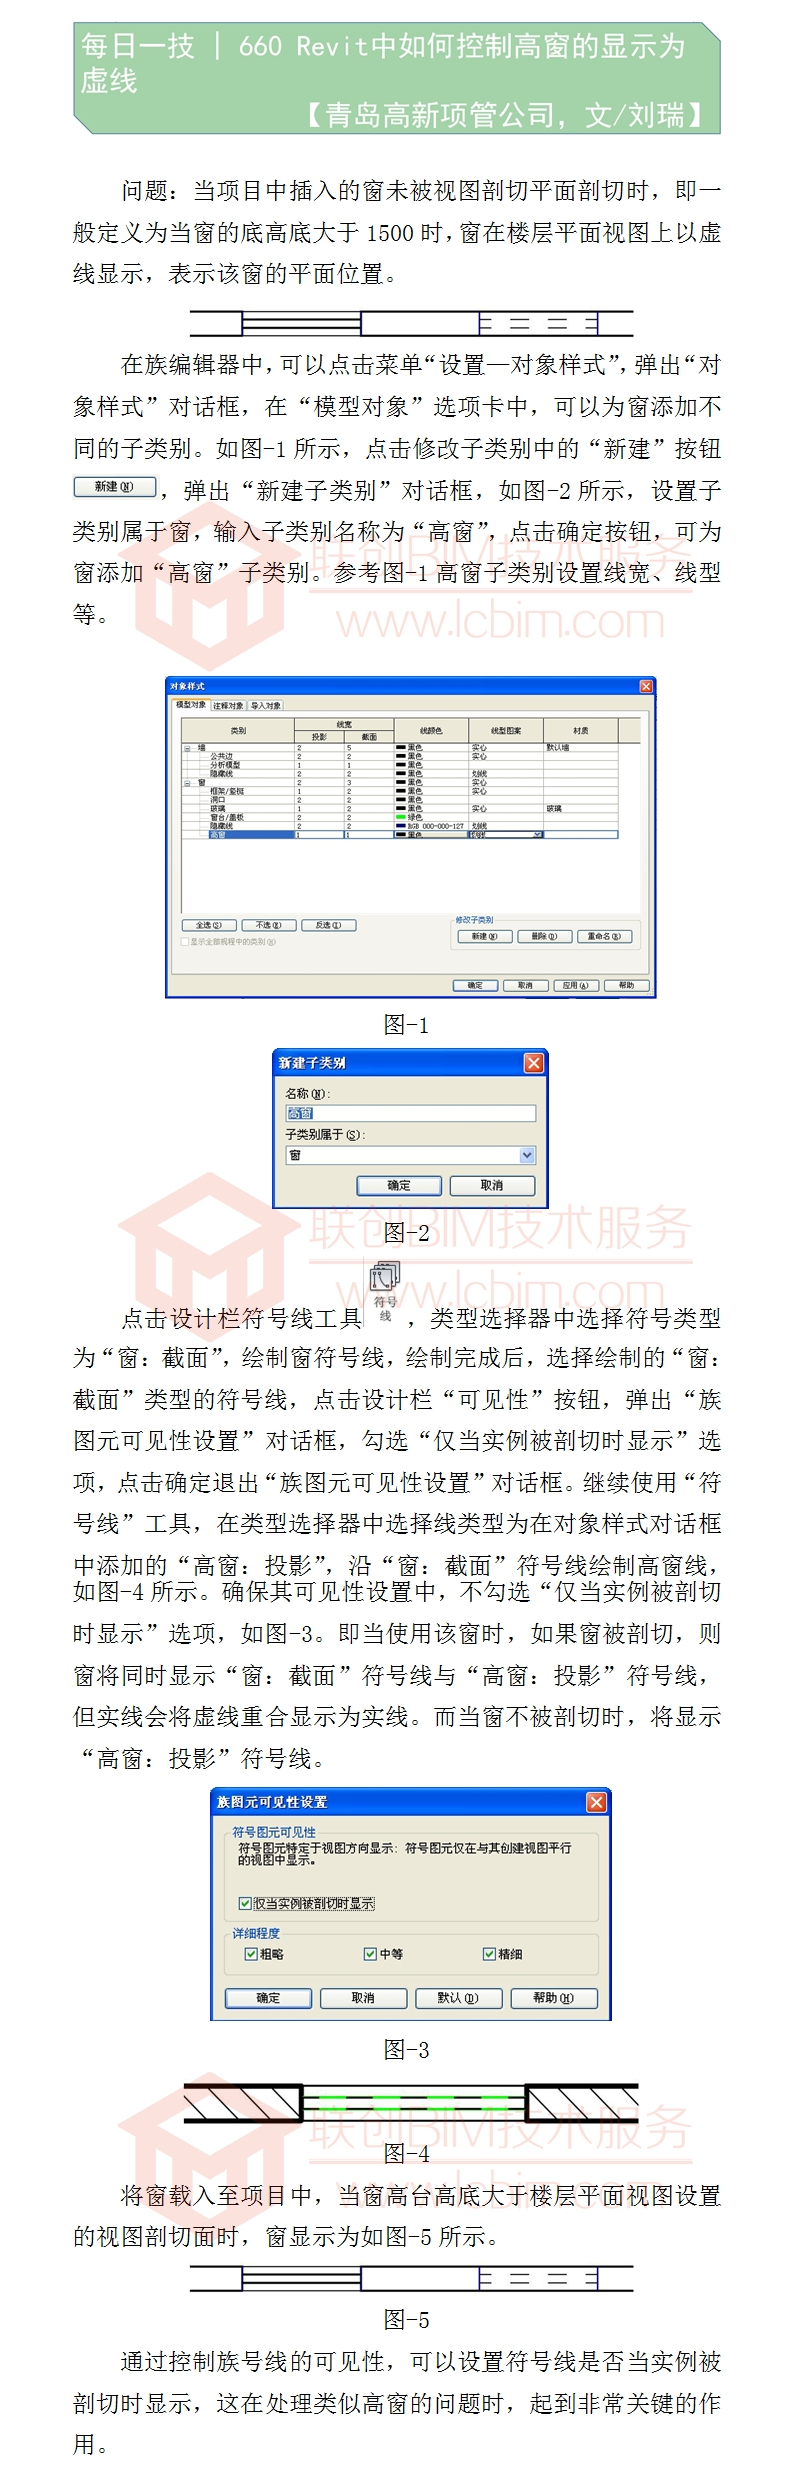 660 Revit中如何控制高窗的显示为虚线.jpg